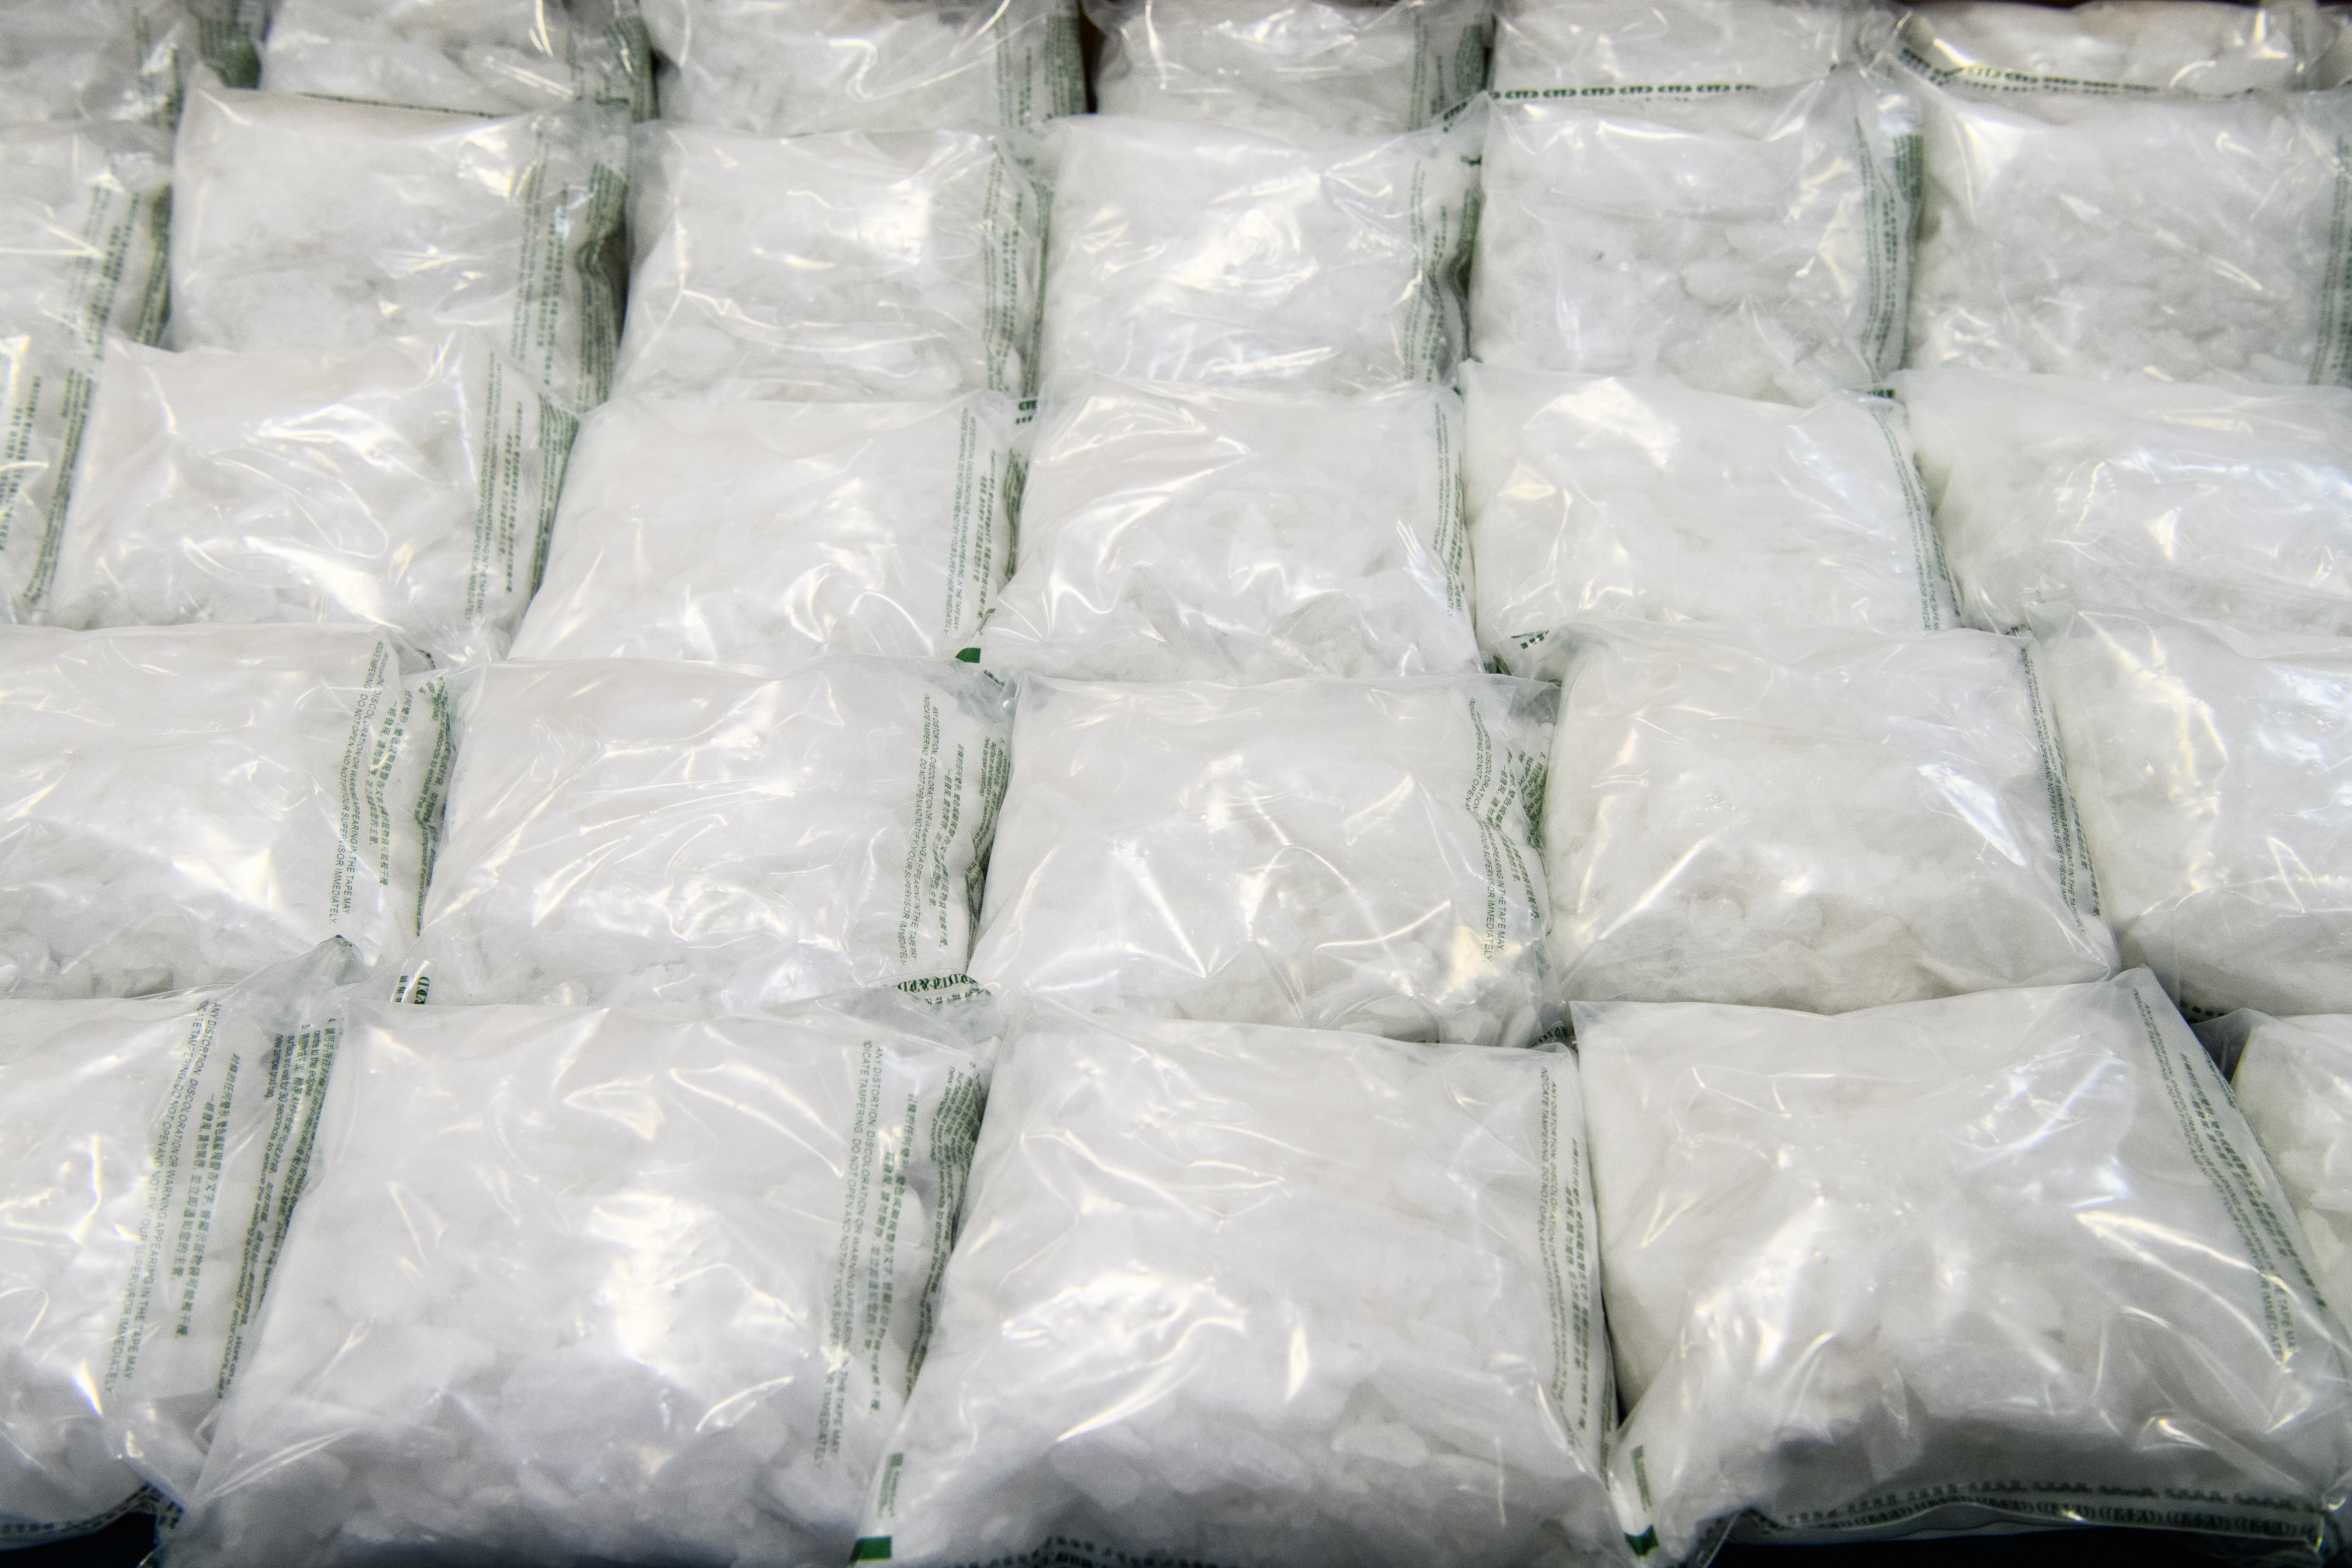 Kétszázmillió tabletta szpídet* foglaltak le Délkelet-Ázsia történetének legnagyobb drogfogásában